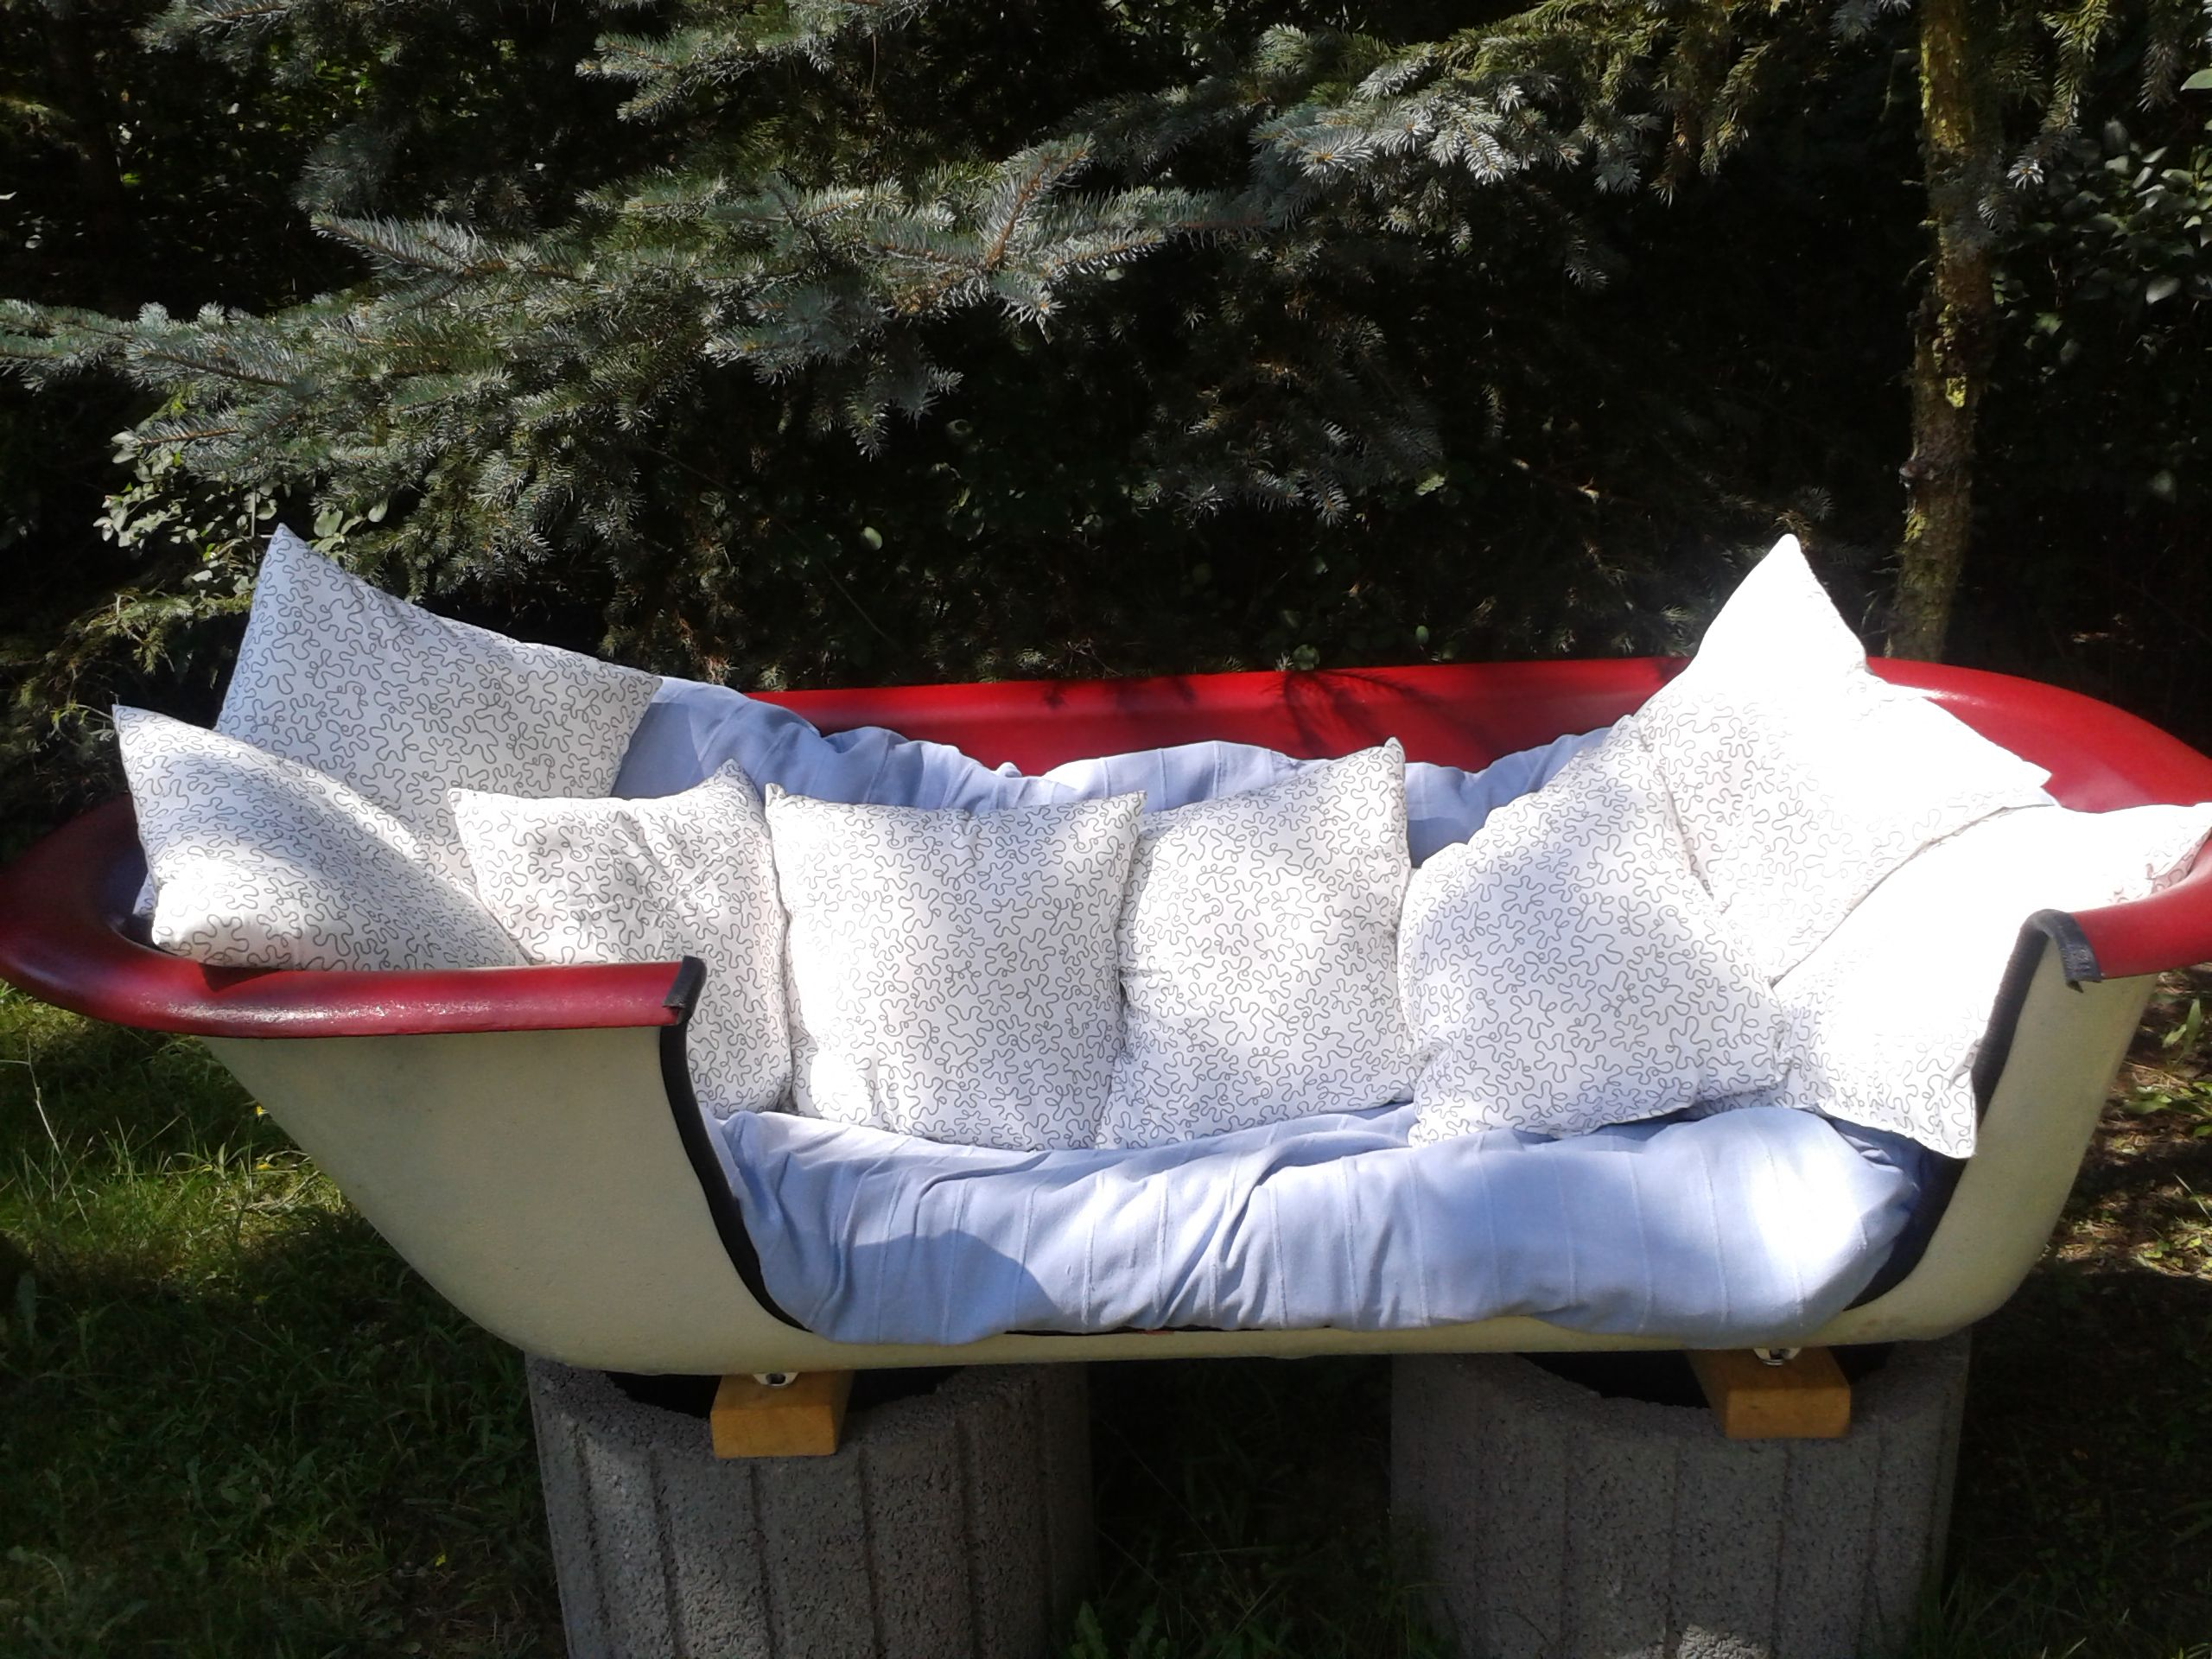 Wundervoll Badewanne Im Garten Sammlung Von Unsere Alte Badewanne, Die Den Vorbesitzern Als